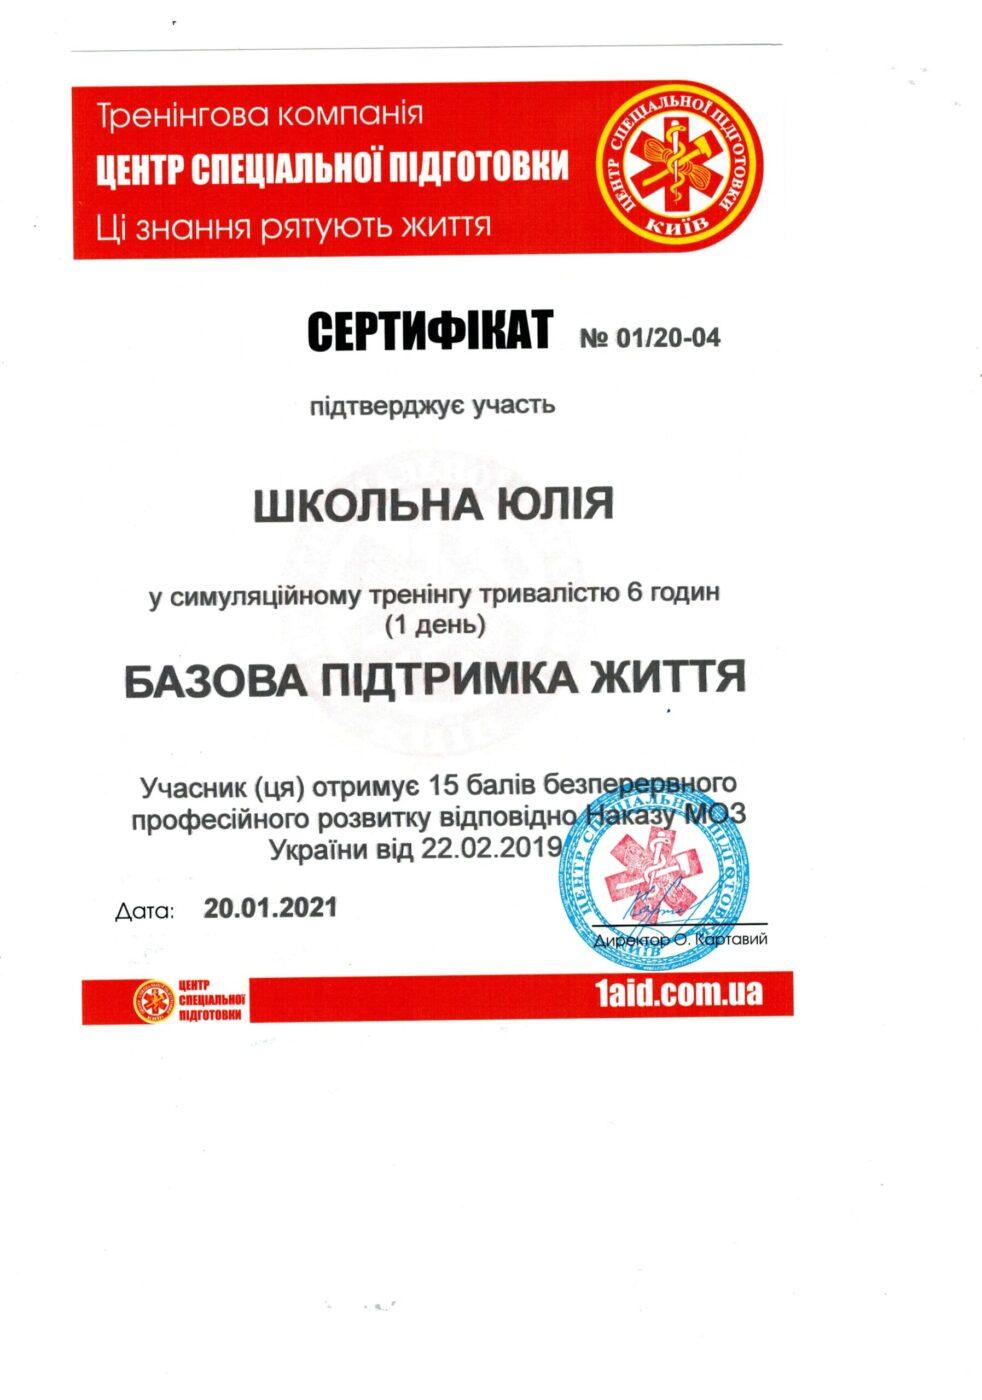 Сертификат детского стоматолога Школьной Юлии Анатолиевны об участии в тренинге (Базова підтримка життя)